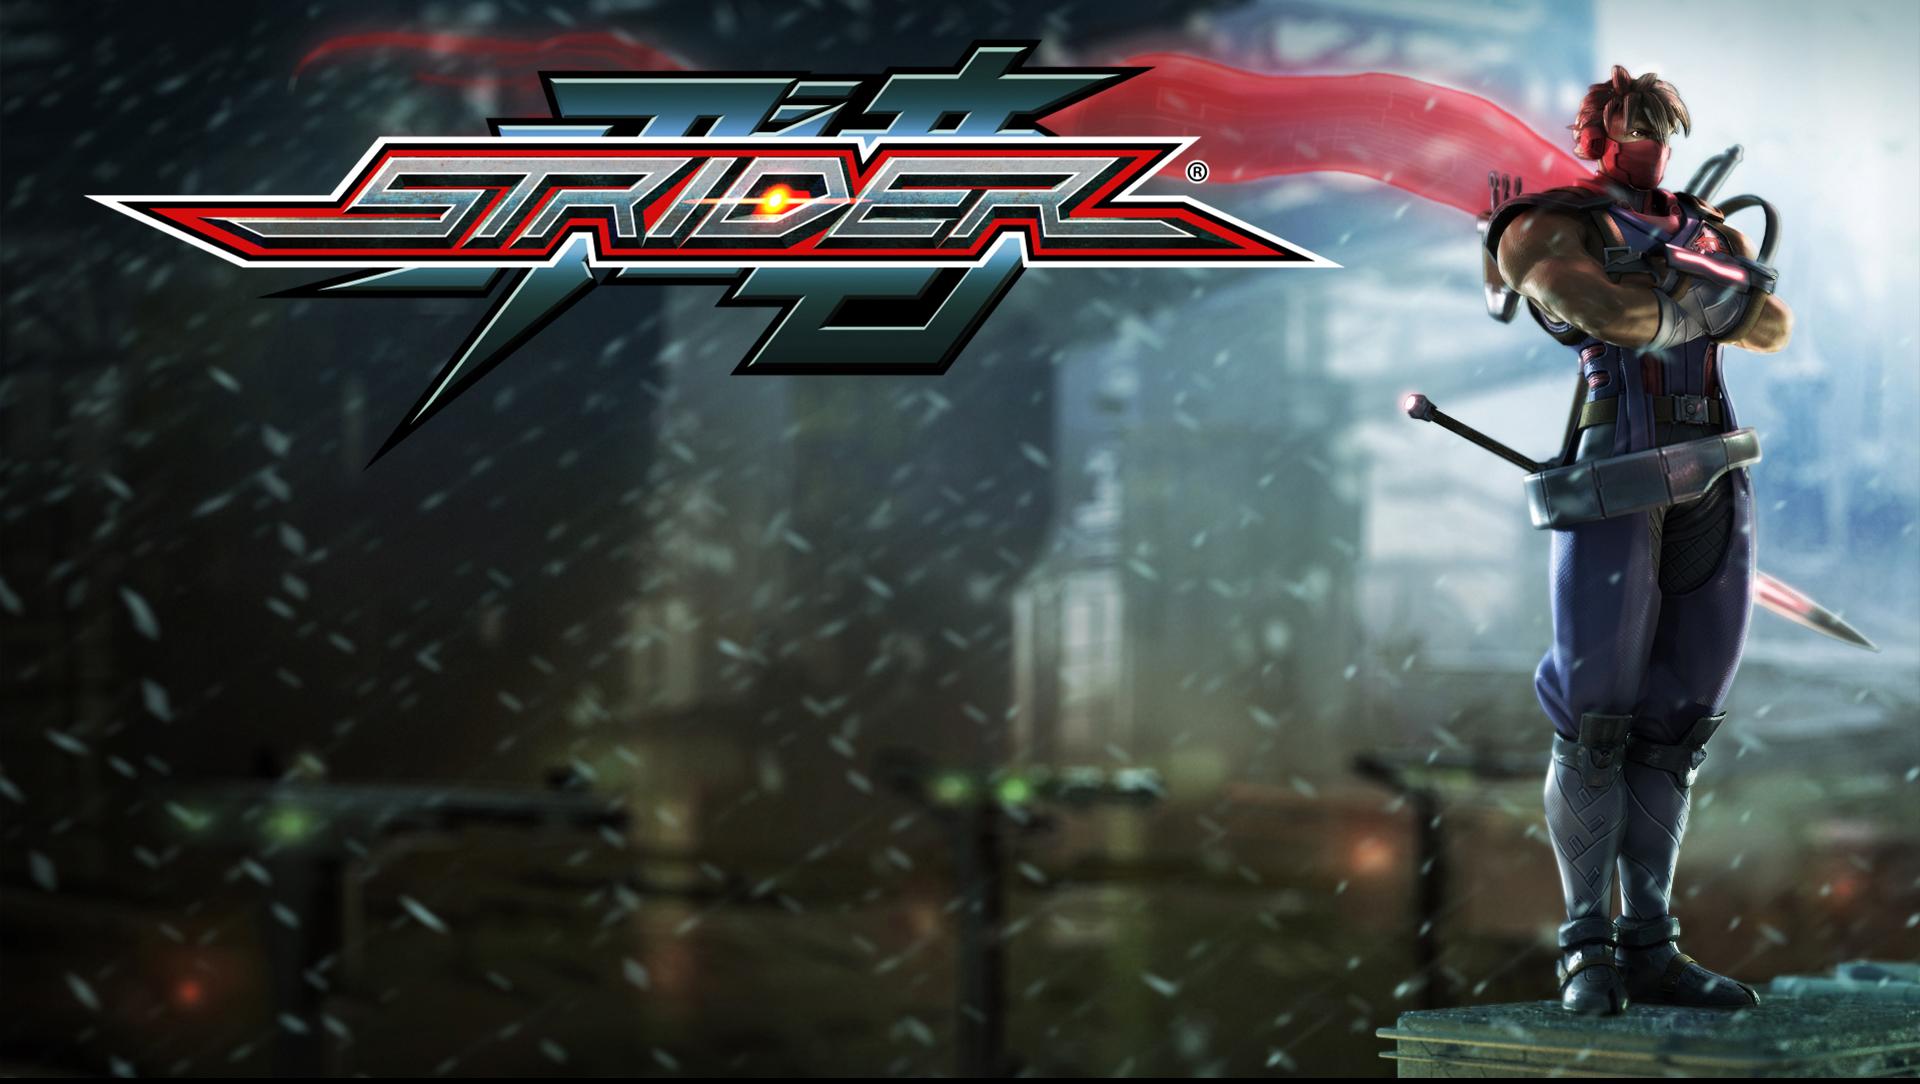 Strider-2014-Games-Wallpaper